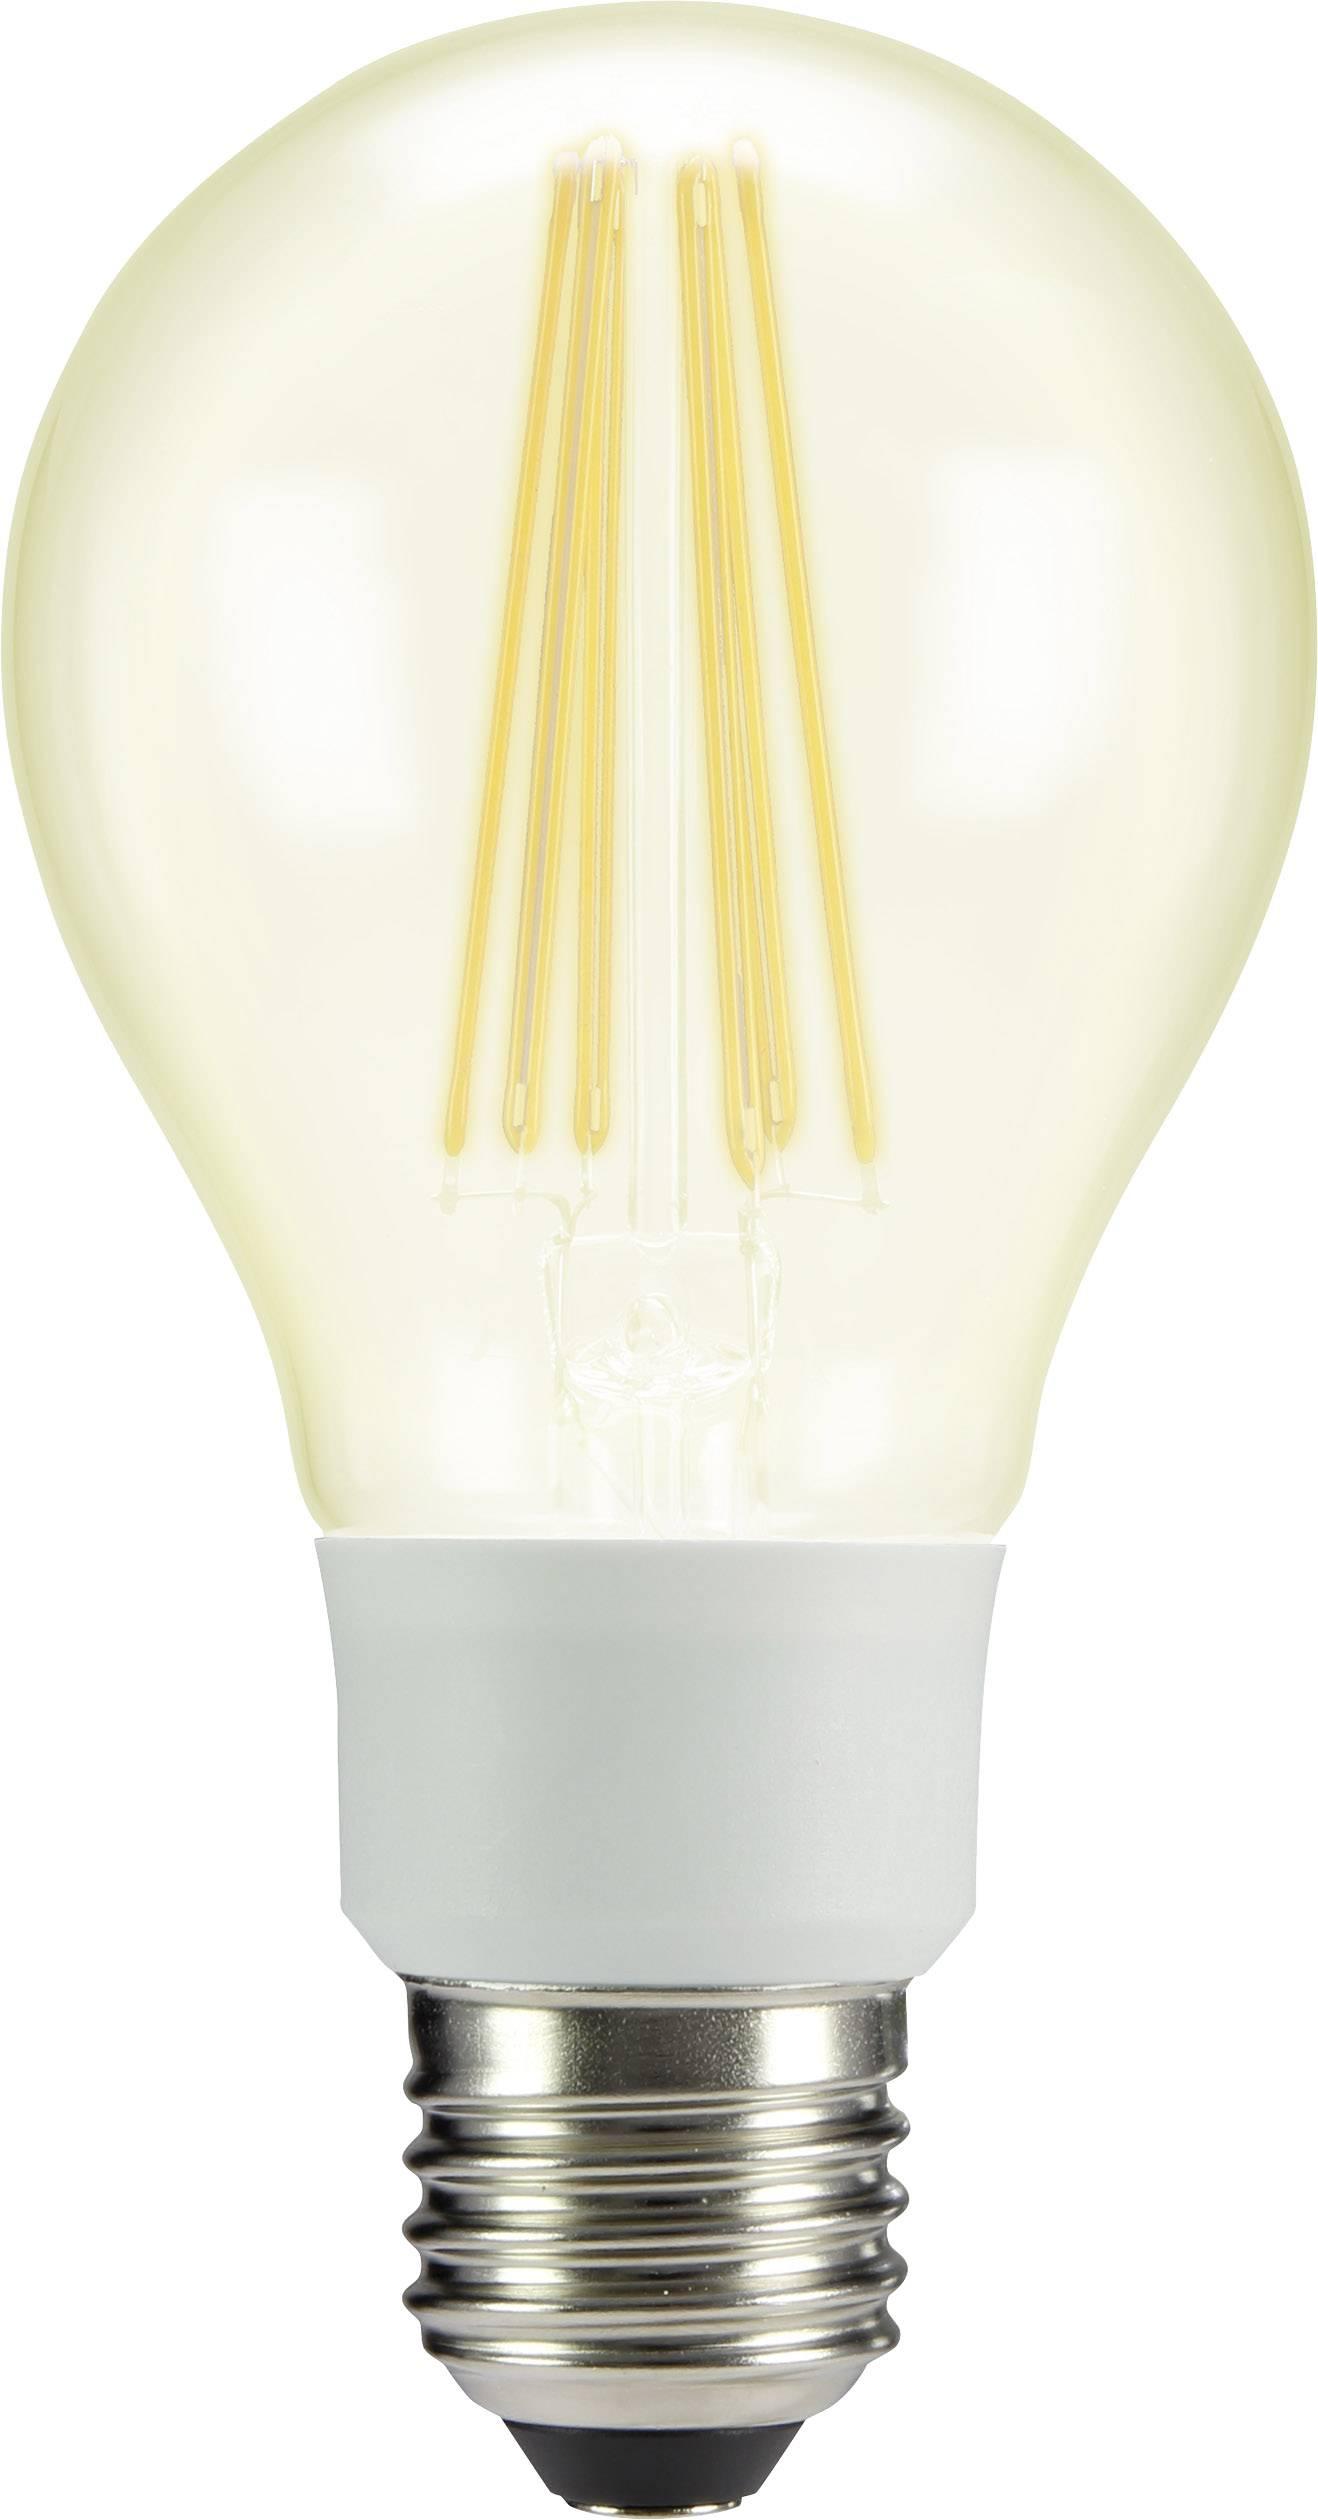 LED žiarovka Sygonix STA6103clear 230 V, 12 W = 100 W, teplá biela, A++, vlákno, 1 ks